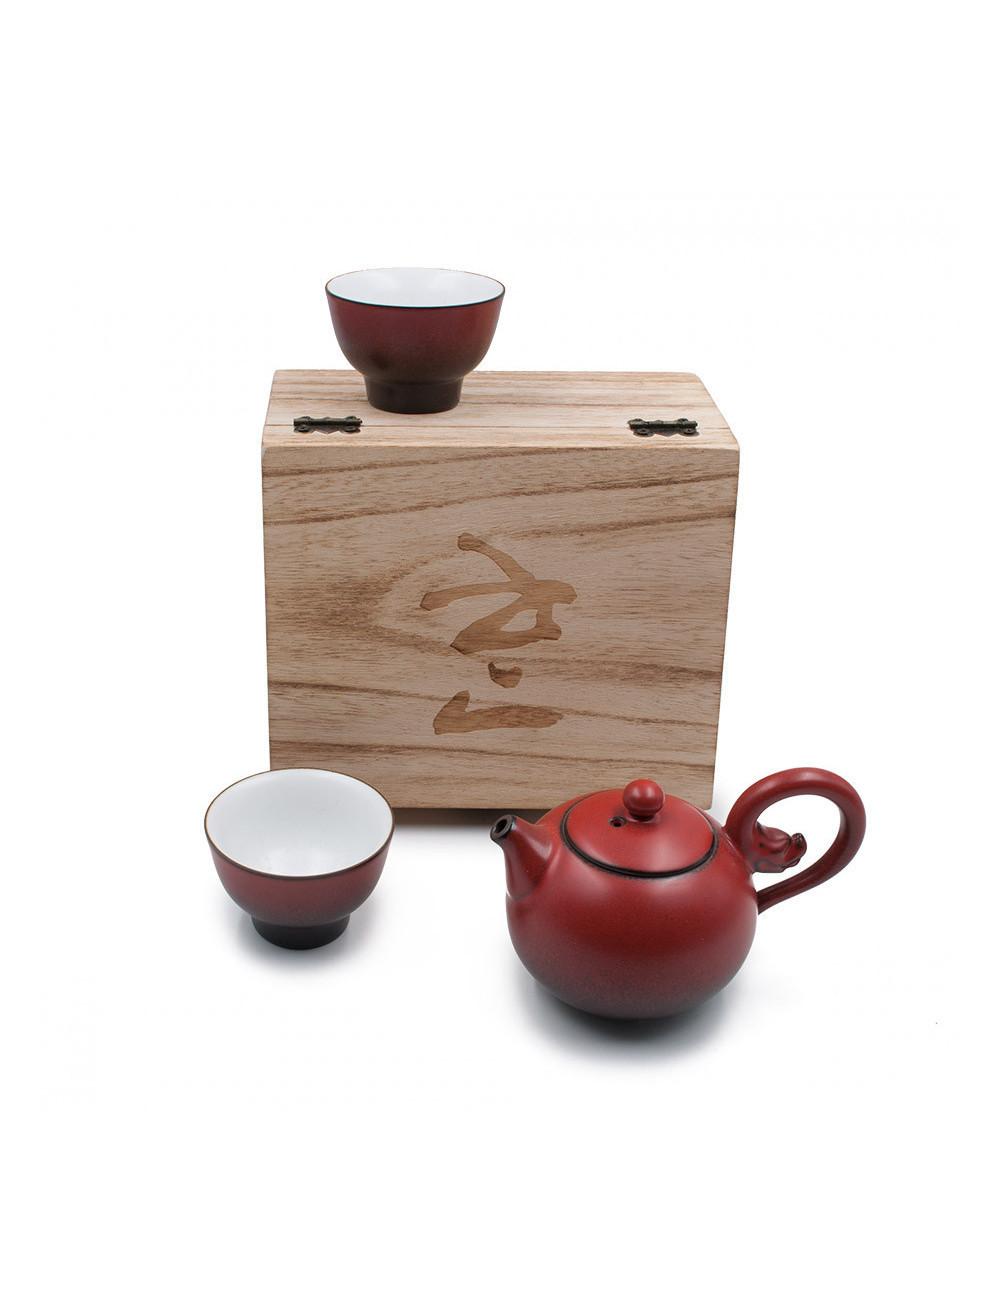 Set piccola teiera con 2 ciotole rosse e scatola in legno - La Pianta del Tè Store